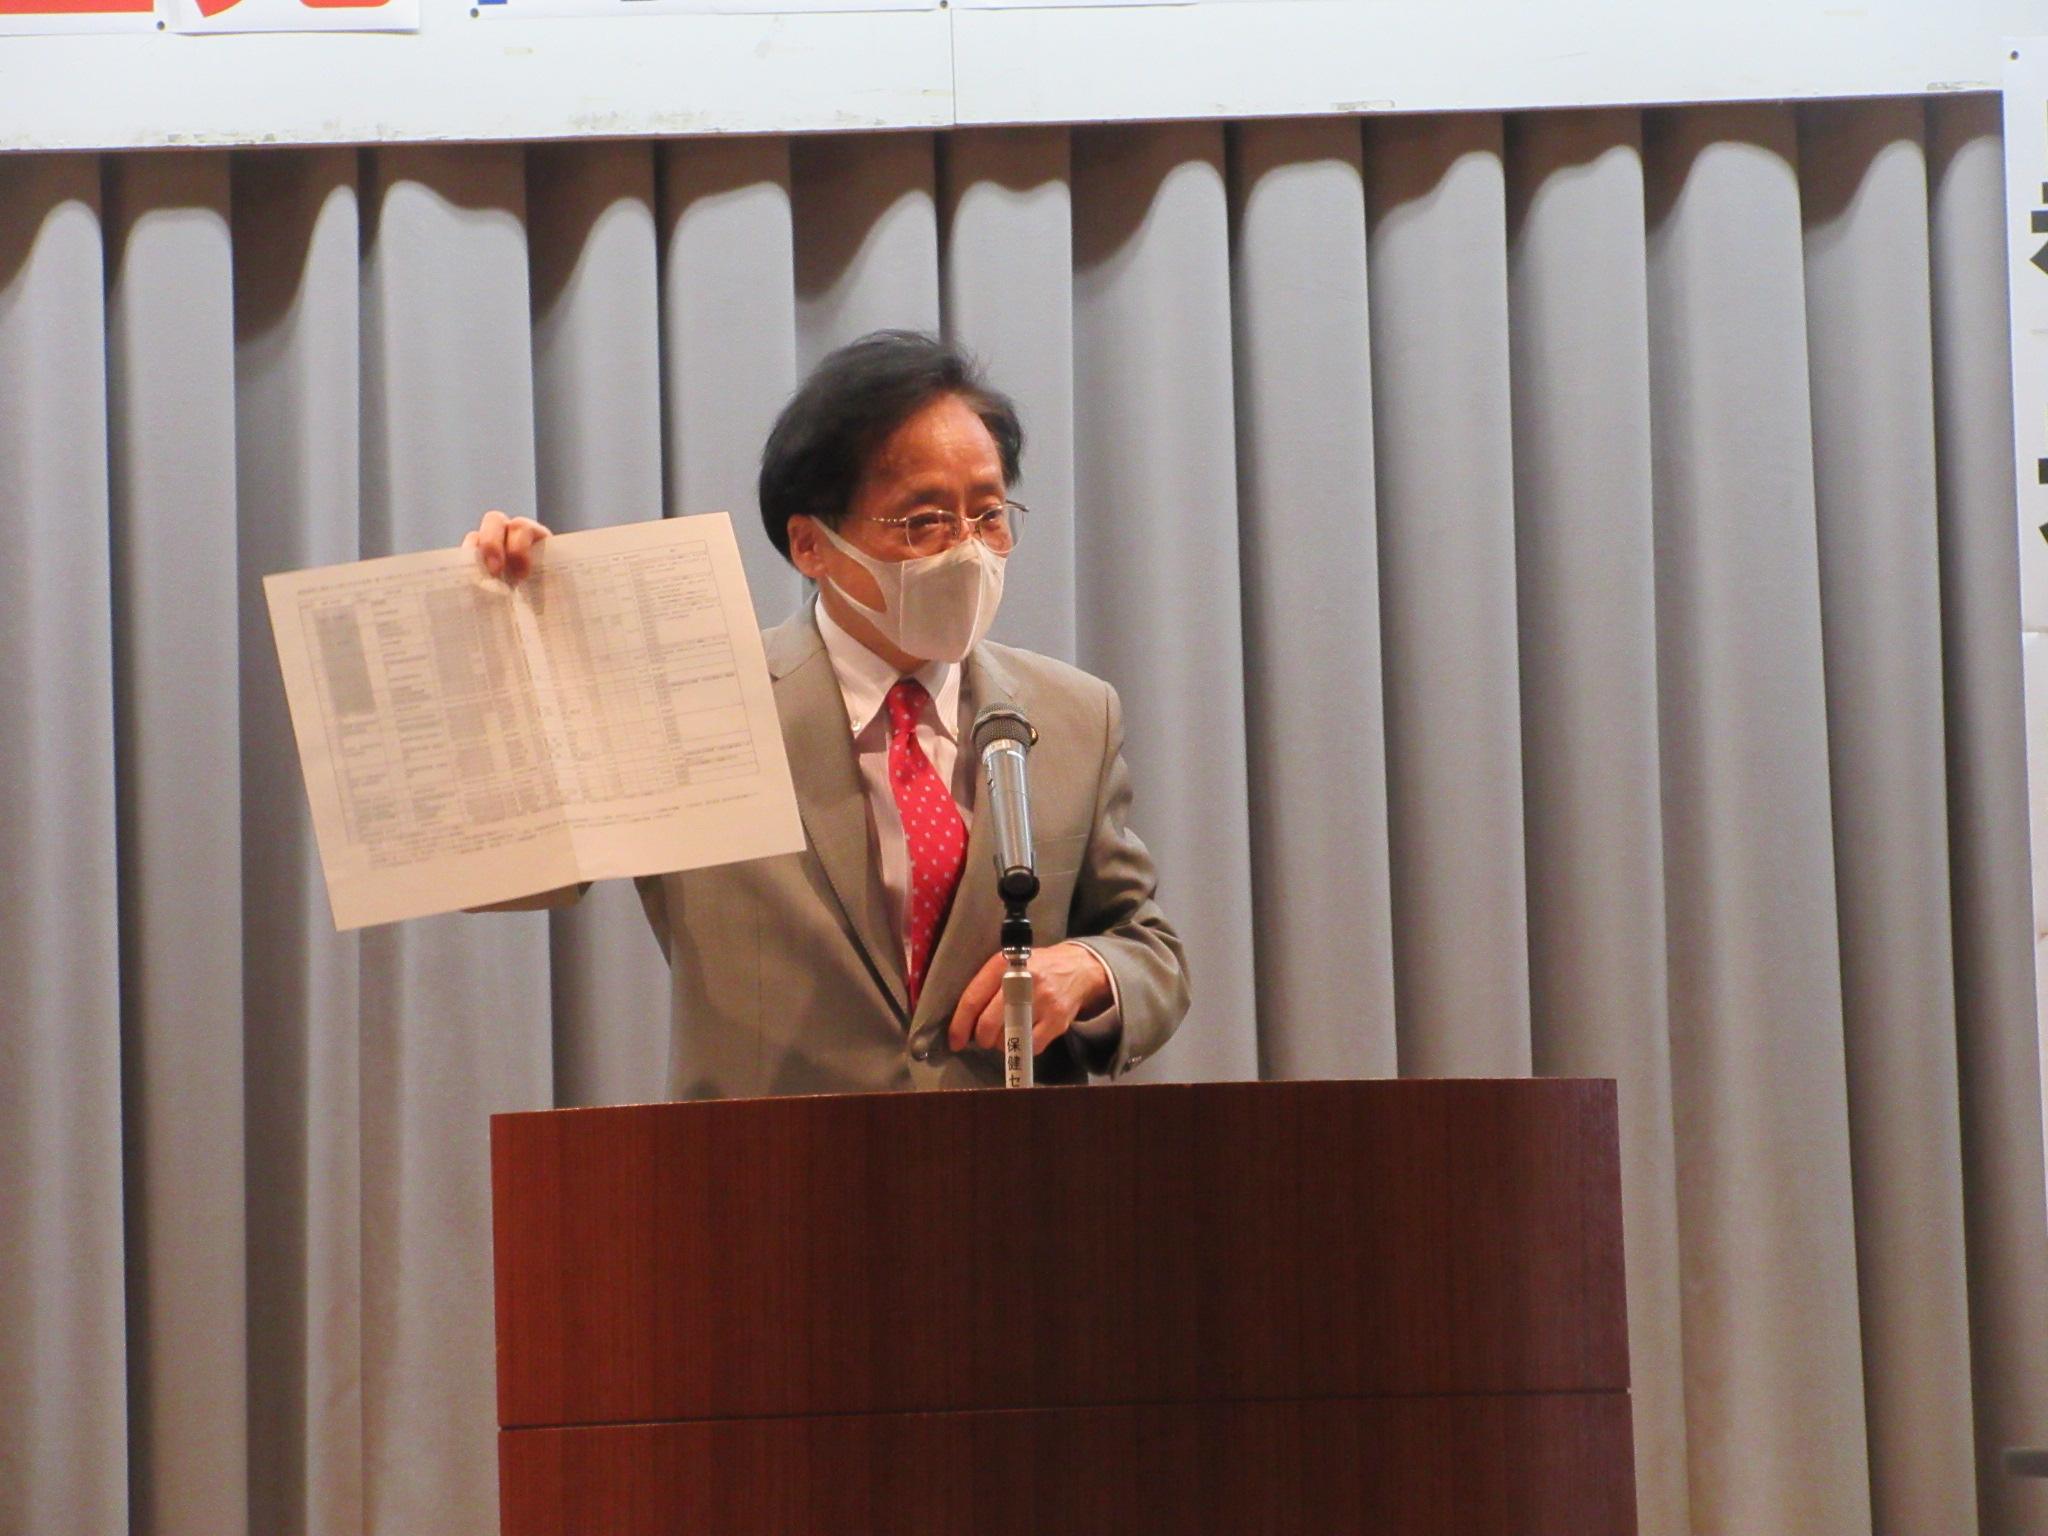 http://www.inoue-satoshi.com/diary/21.2%E9%98%BF%E8%B3%80%E9%87%8E%E5%B8%82.JPG